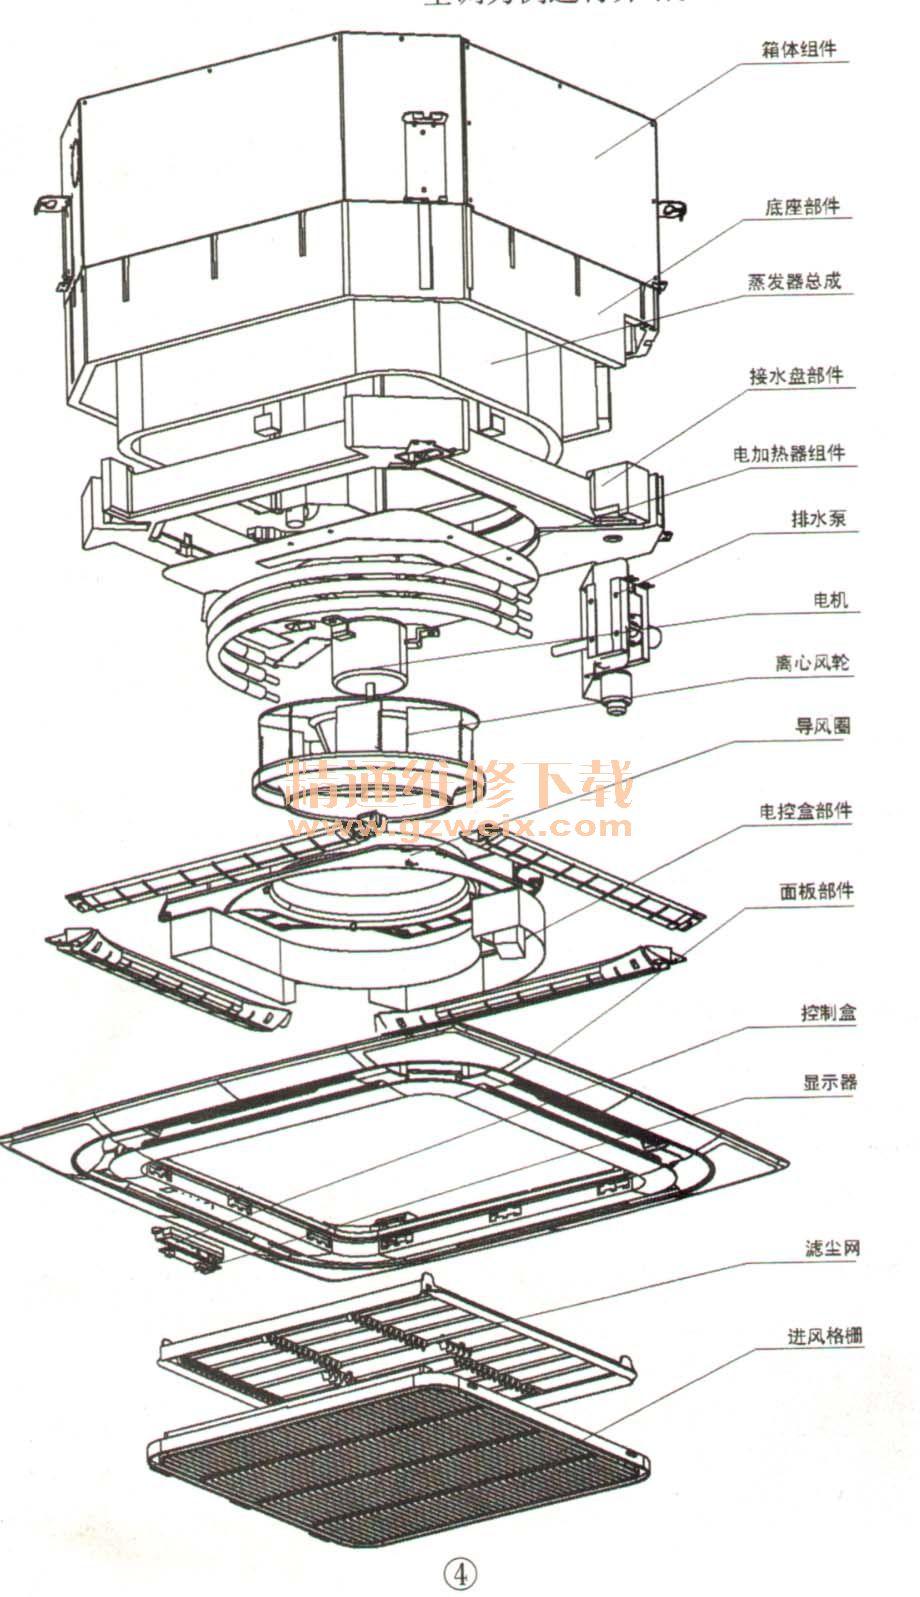 柜式空调外机结构图_分体嵌入式空调室内机拆卸图解 - 精通维修下载